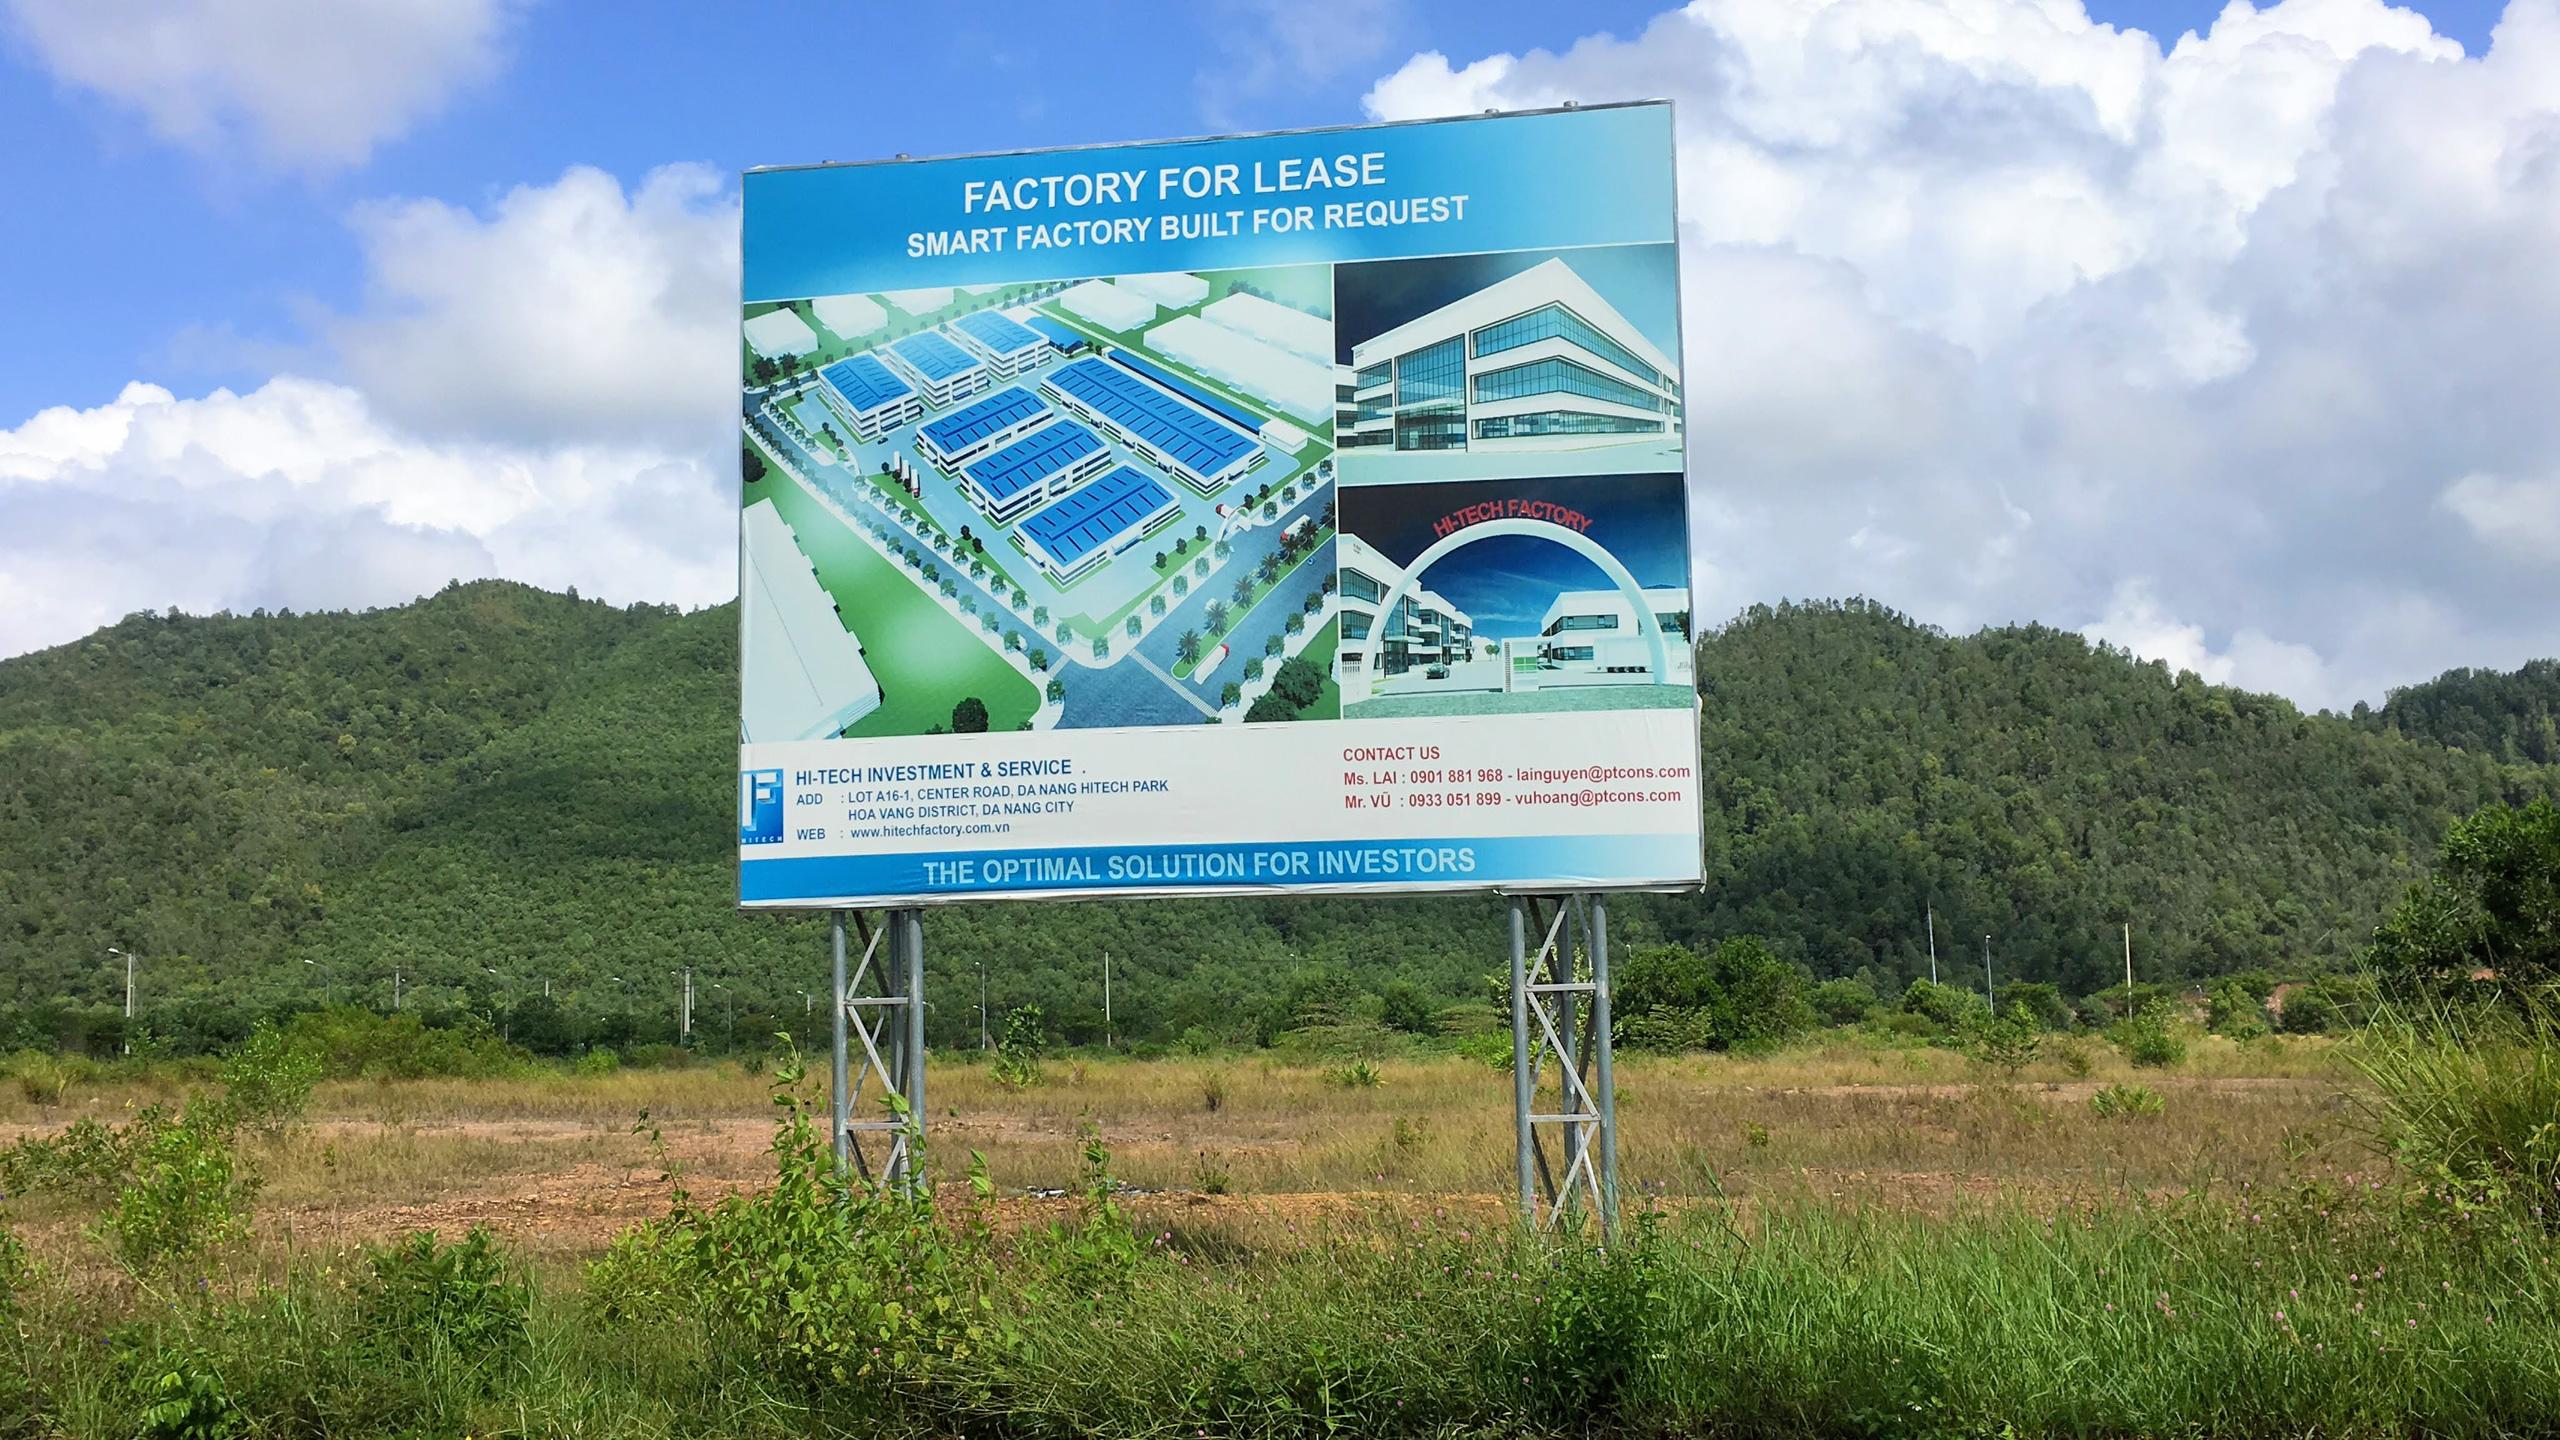 Công ty ông Sony Vũ - Lê Diệp Kiều Trang được nghiên cứu đầu tư dự án 135 triệu đô ở Đà Nẵng - Ảnh 1.